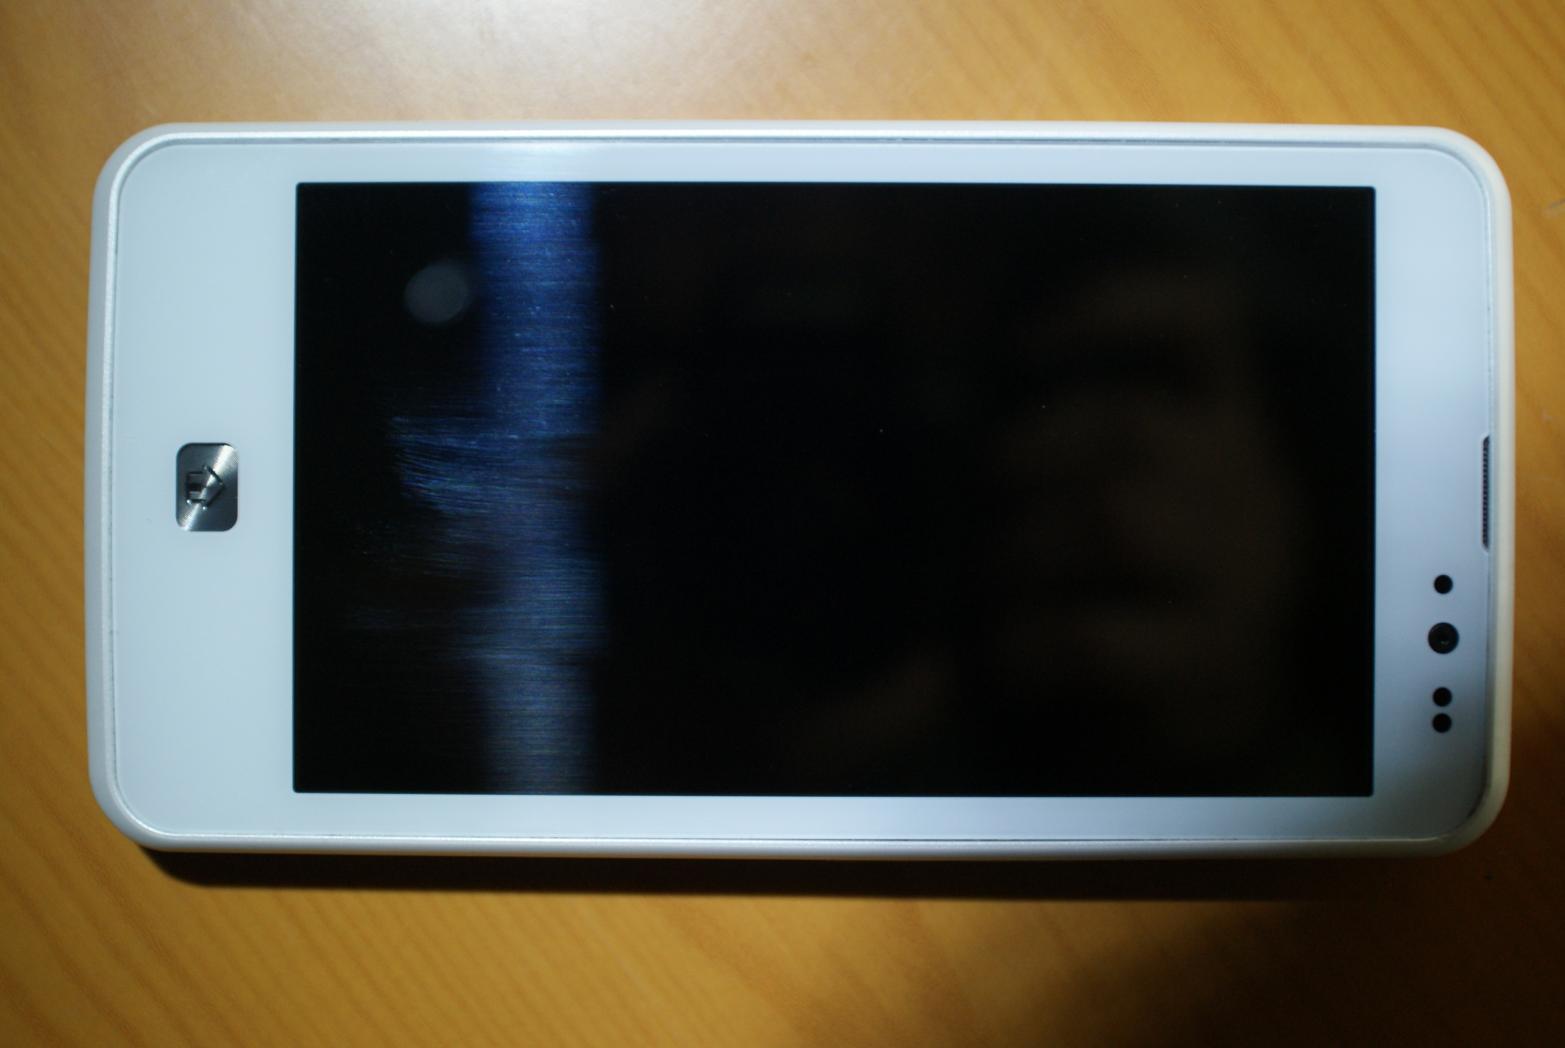 DSC00331.